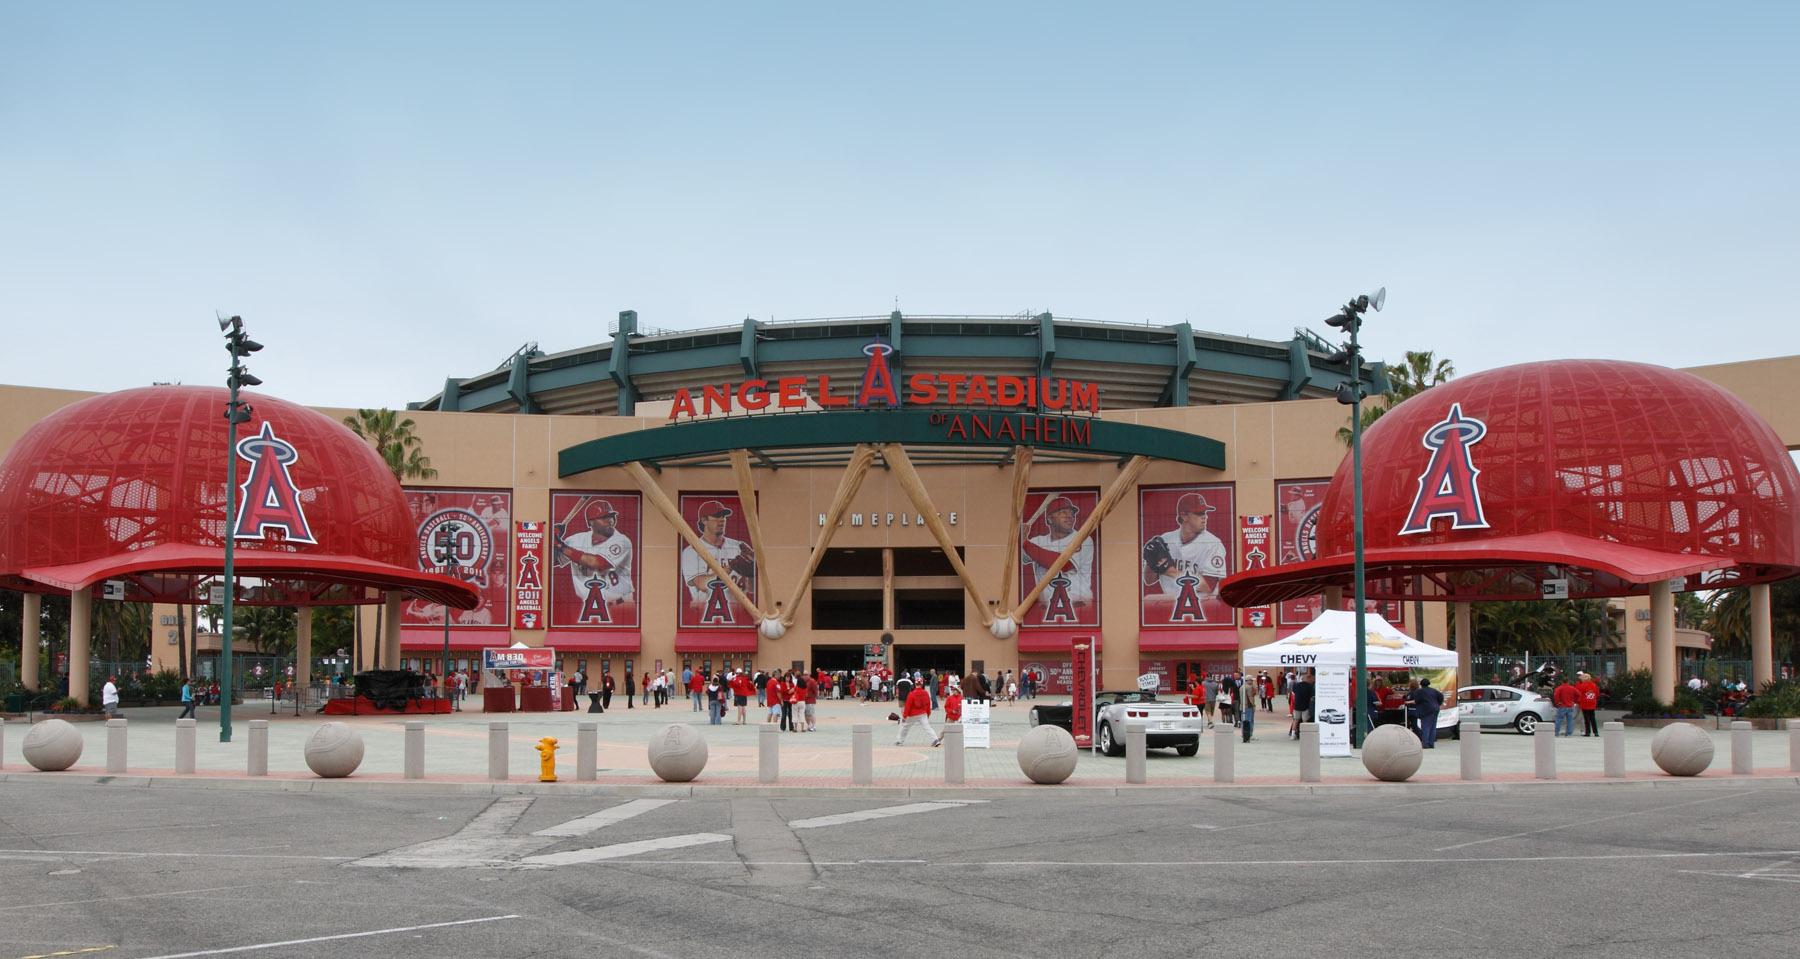 LA_Angels_Stadium.jpg